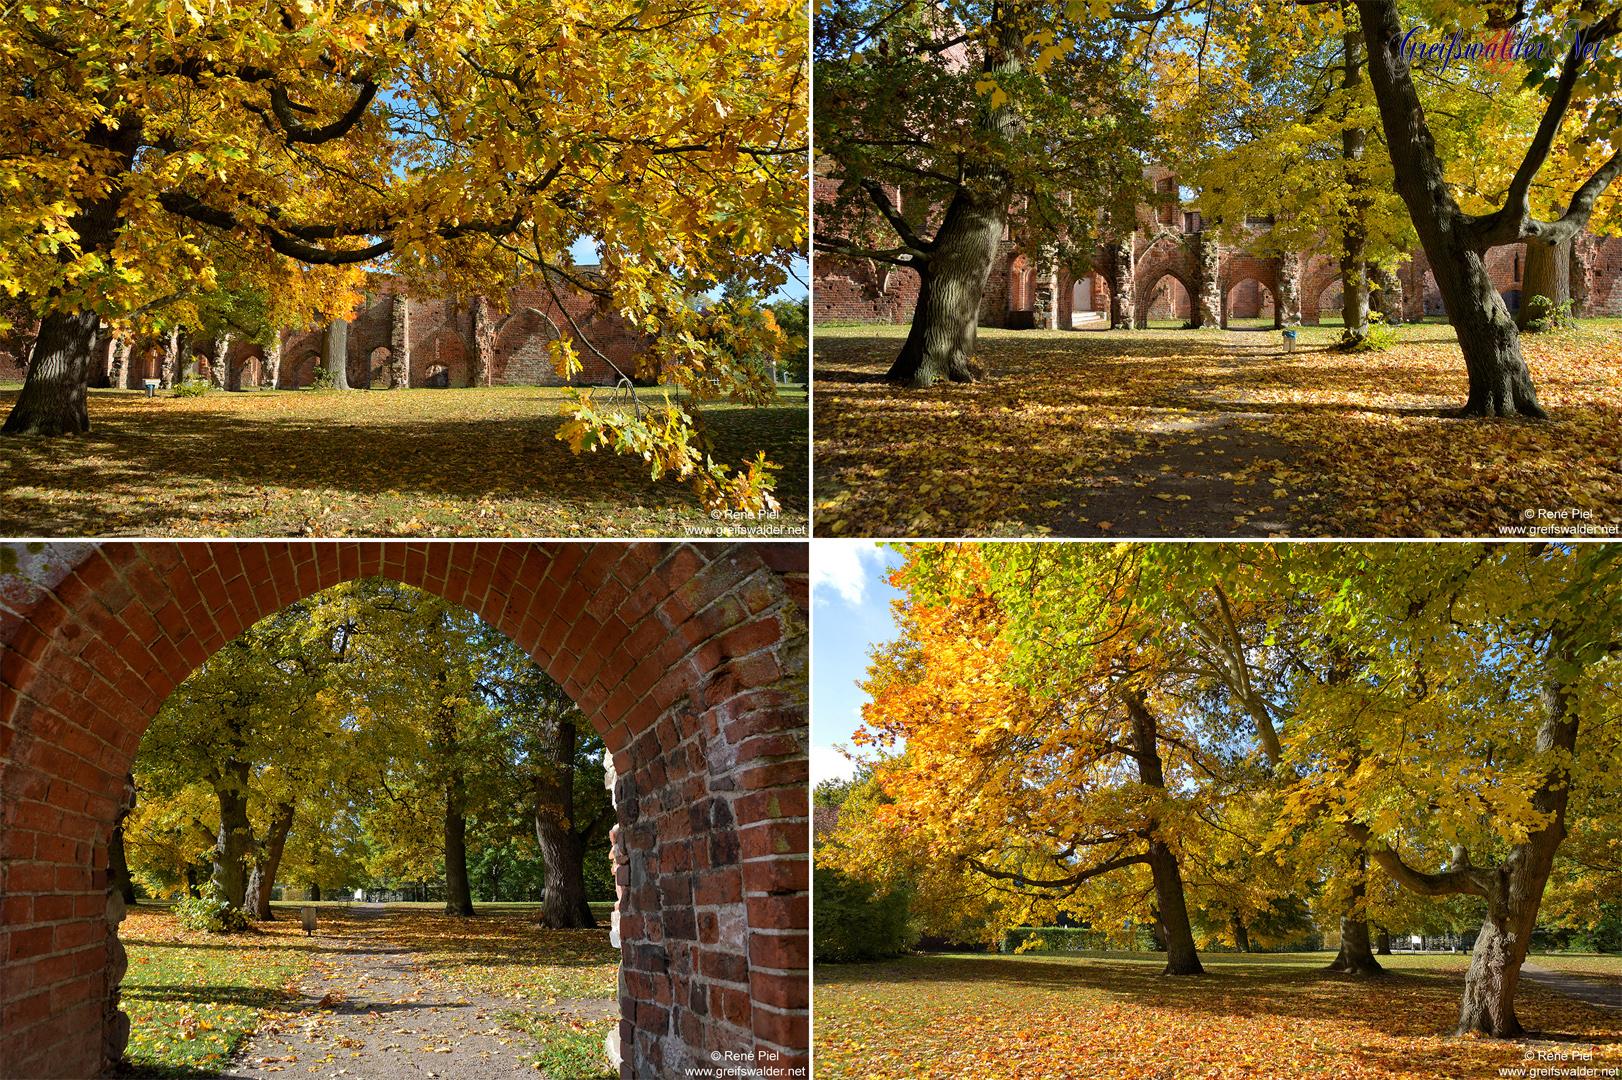 Herbst in der Klosterruine in Greifswald-Eldena